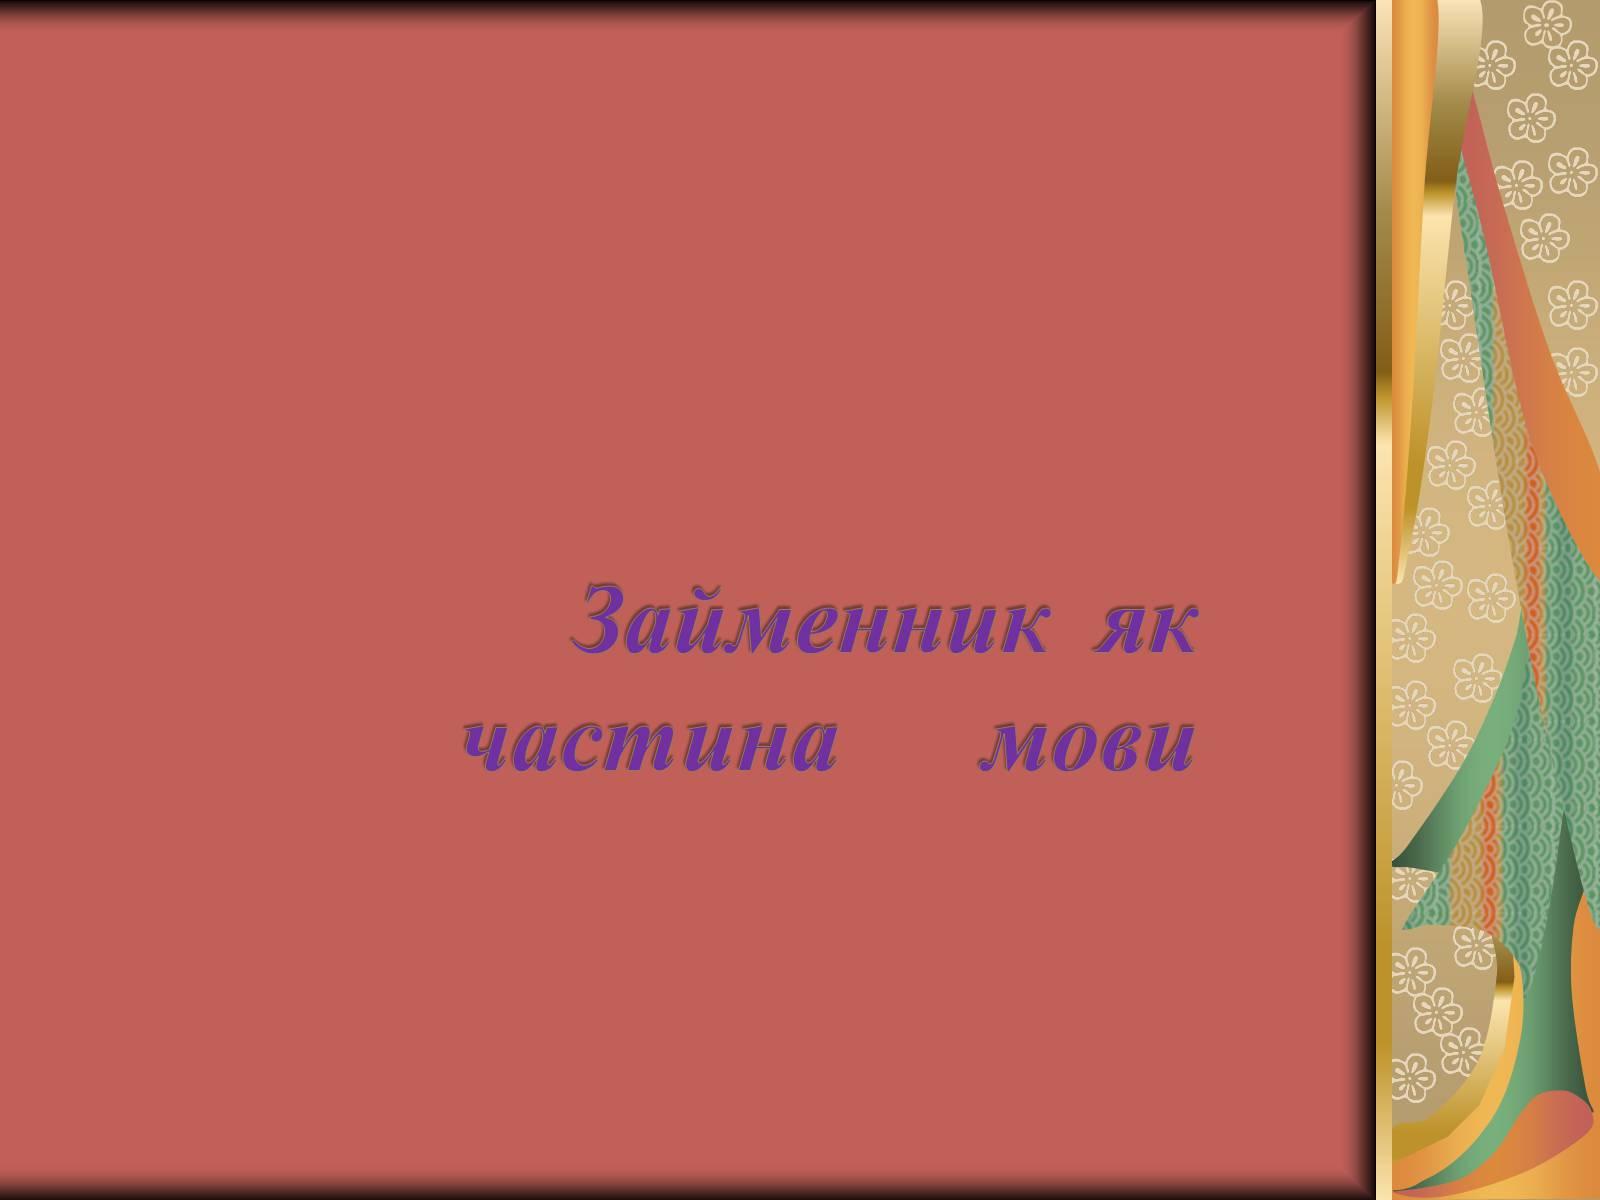 ti-konchil-zhizni-put-geroy-analiz